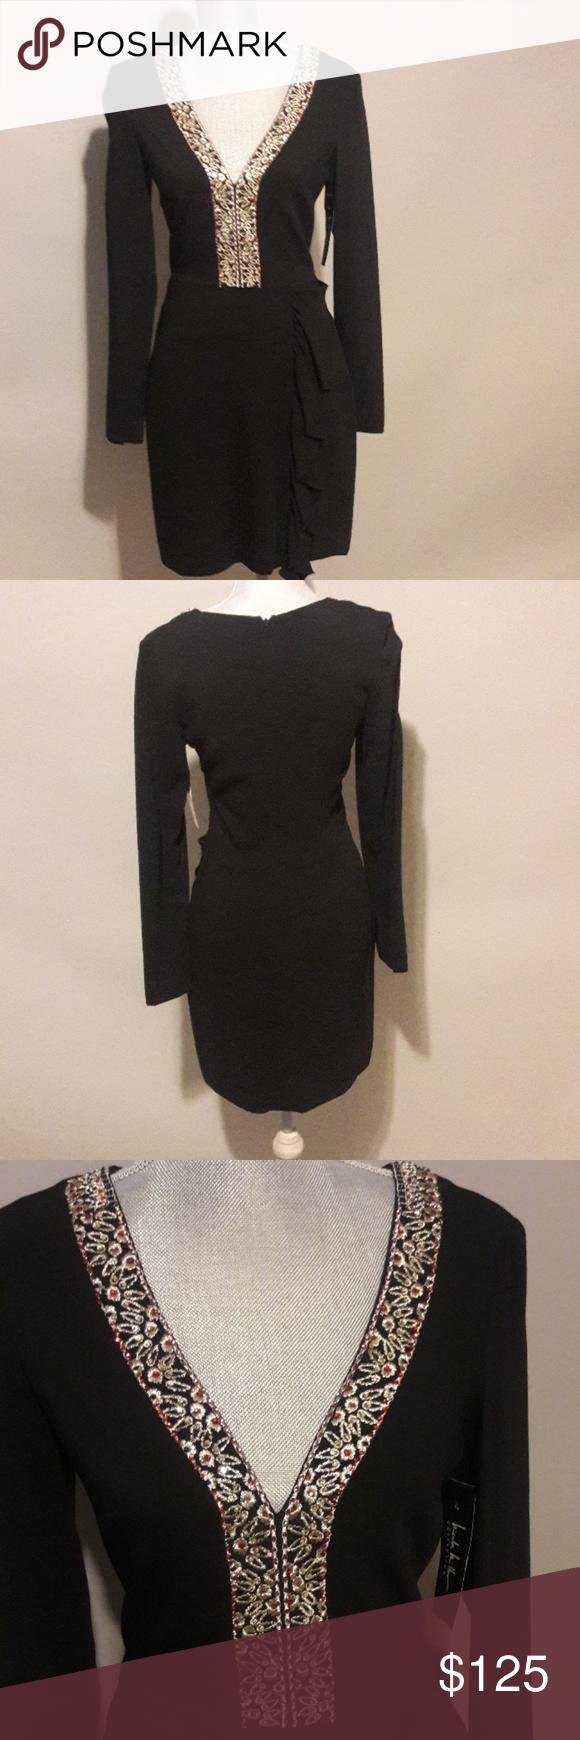 Nicole Miller New Black Dress W Gold Trim W Tags Clothes Design Nicole Miller Black Dress Fashion